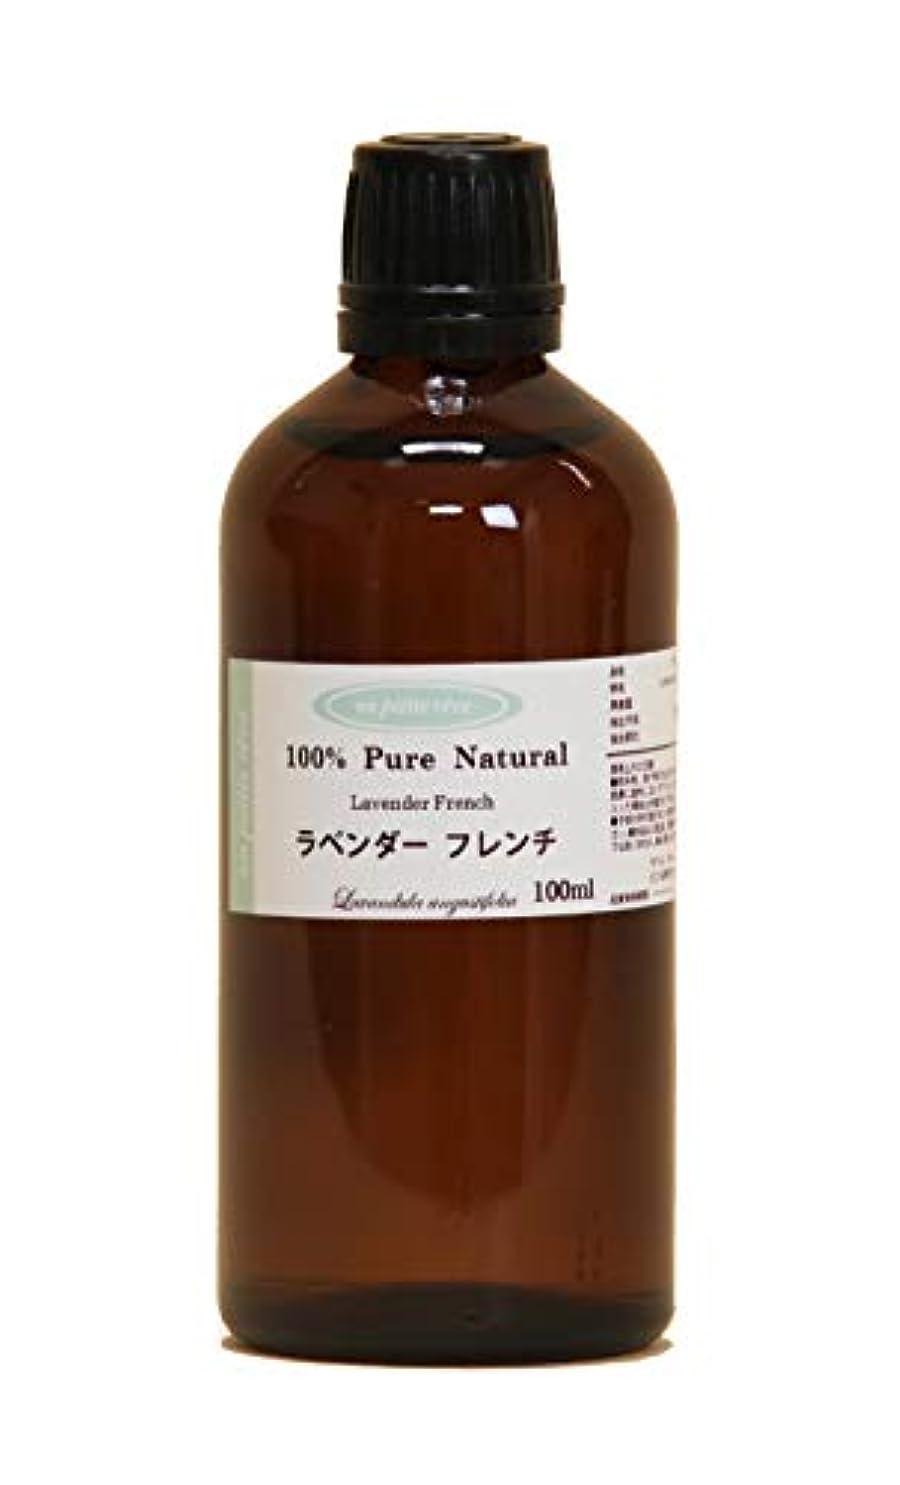 キャスト無効にする一般的にラベンダーフレンチ 100ml 100%天然アロマエッセンシャルオイル(精油)